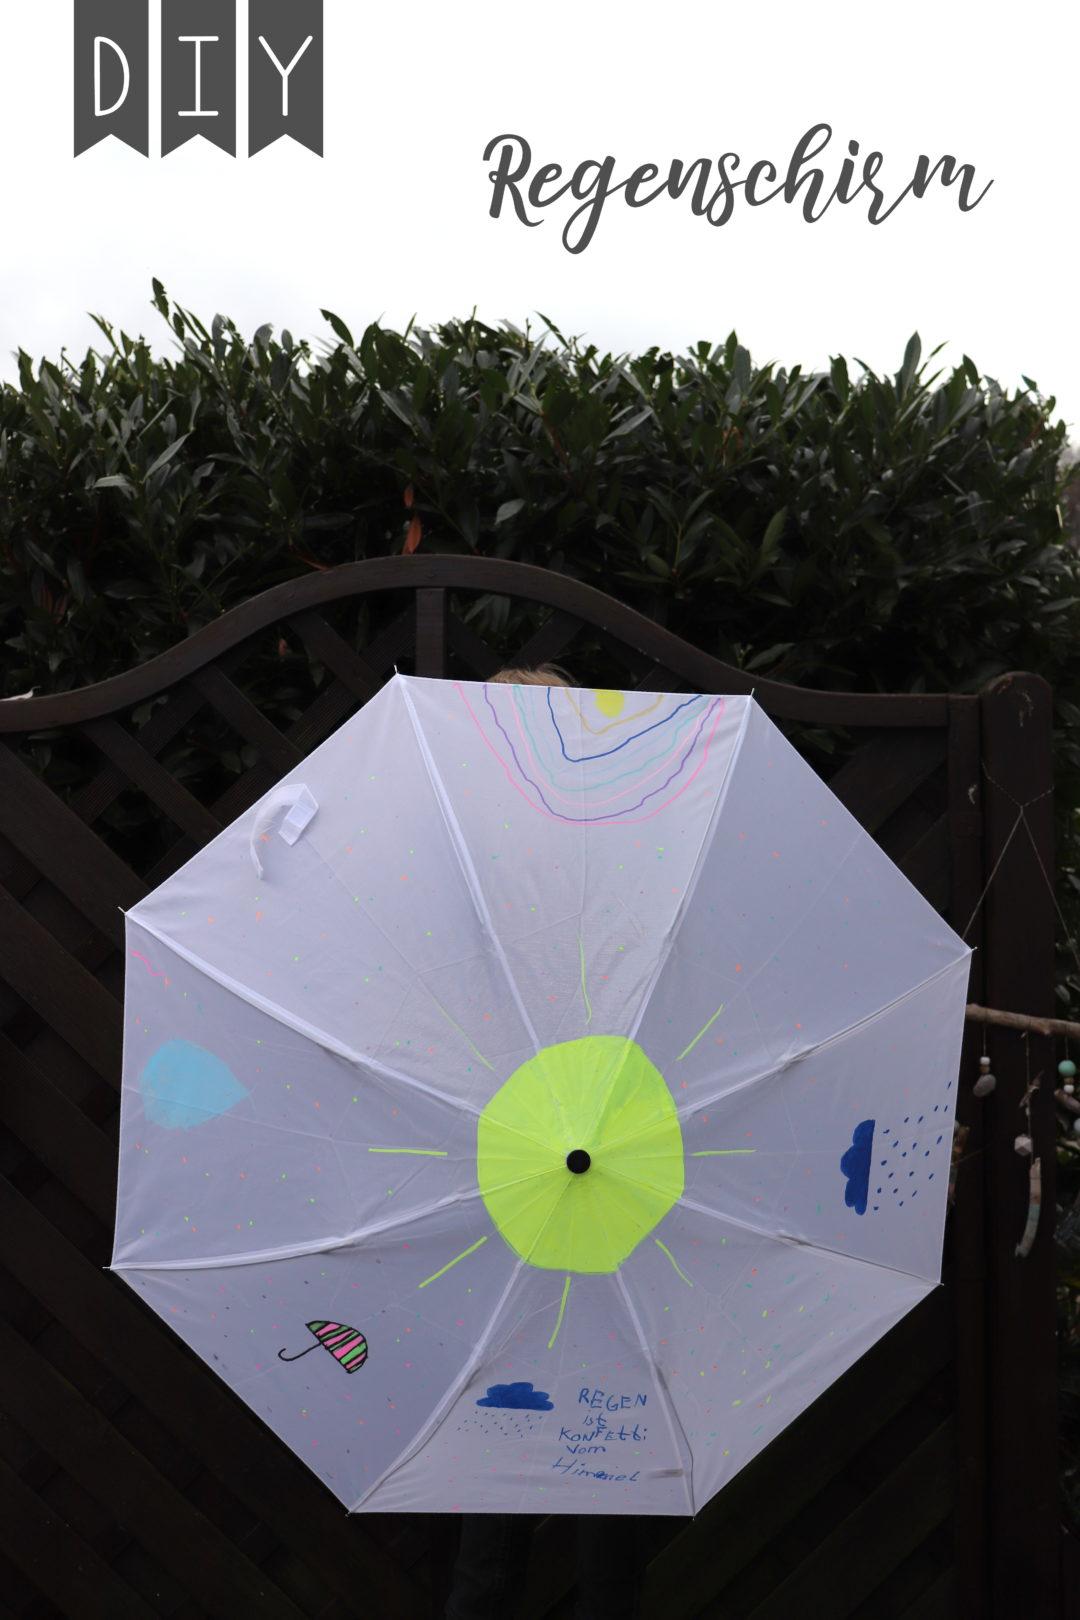 DIY Regenschirm Kinder Geschenkidee